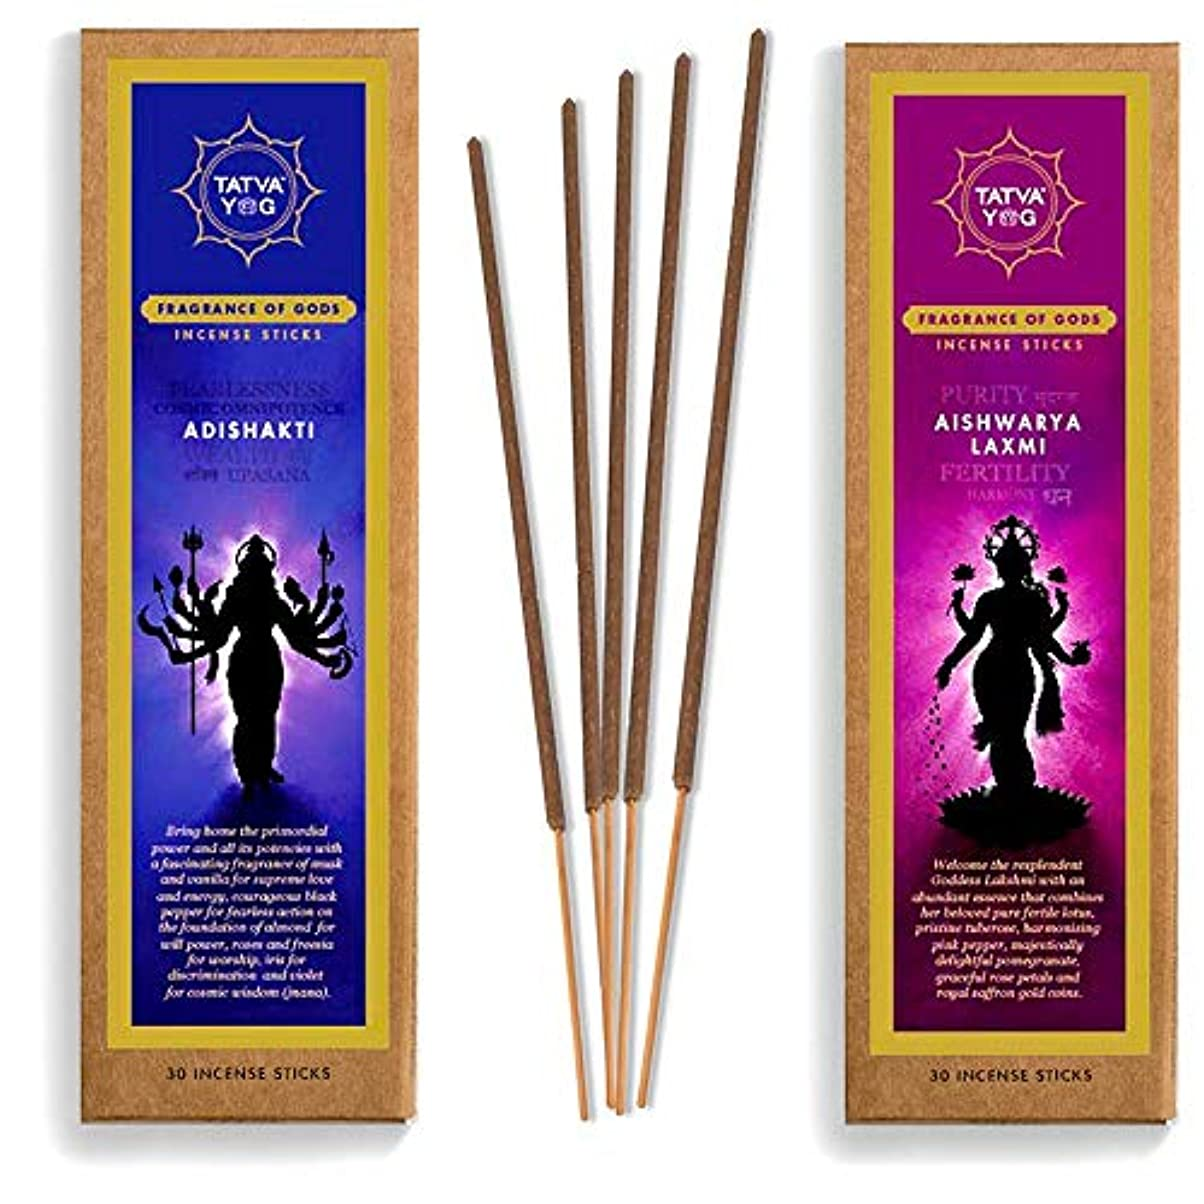 森格差外国人Tatva YOG Adishakti and Aishwarya Lakshmi Handcrafted Natural Masala Incense Sticks for Daily Pooja|Festive|Office...